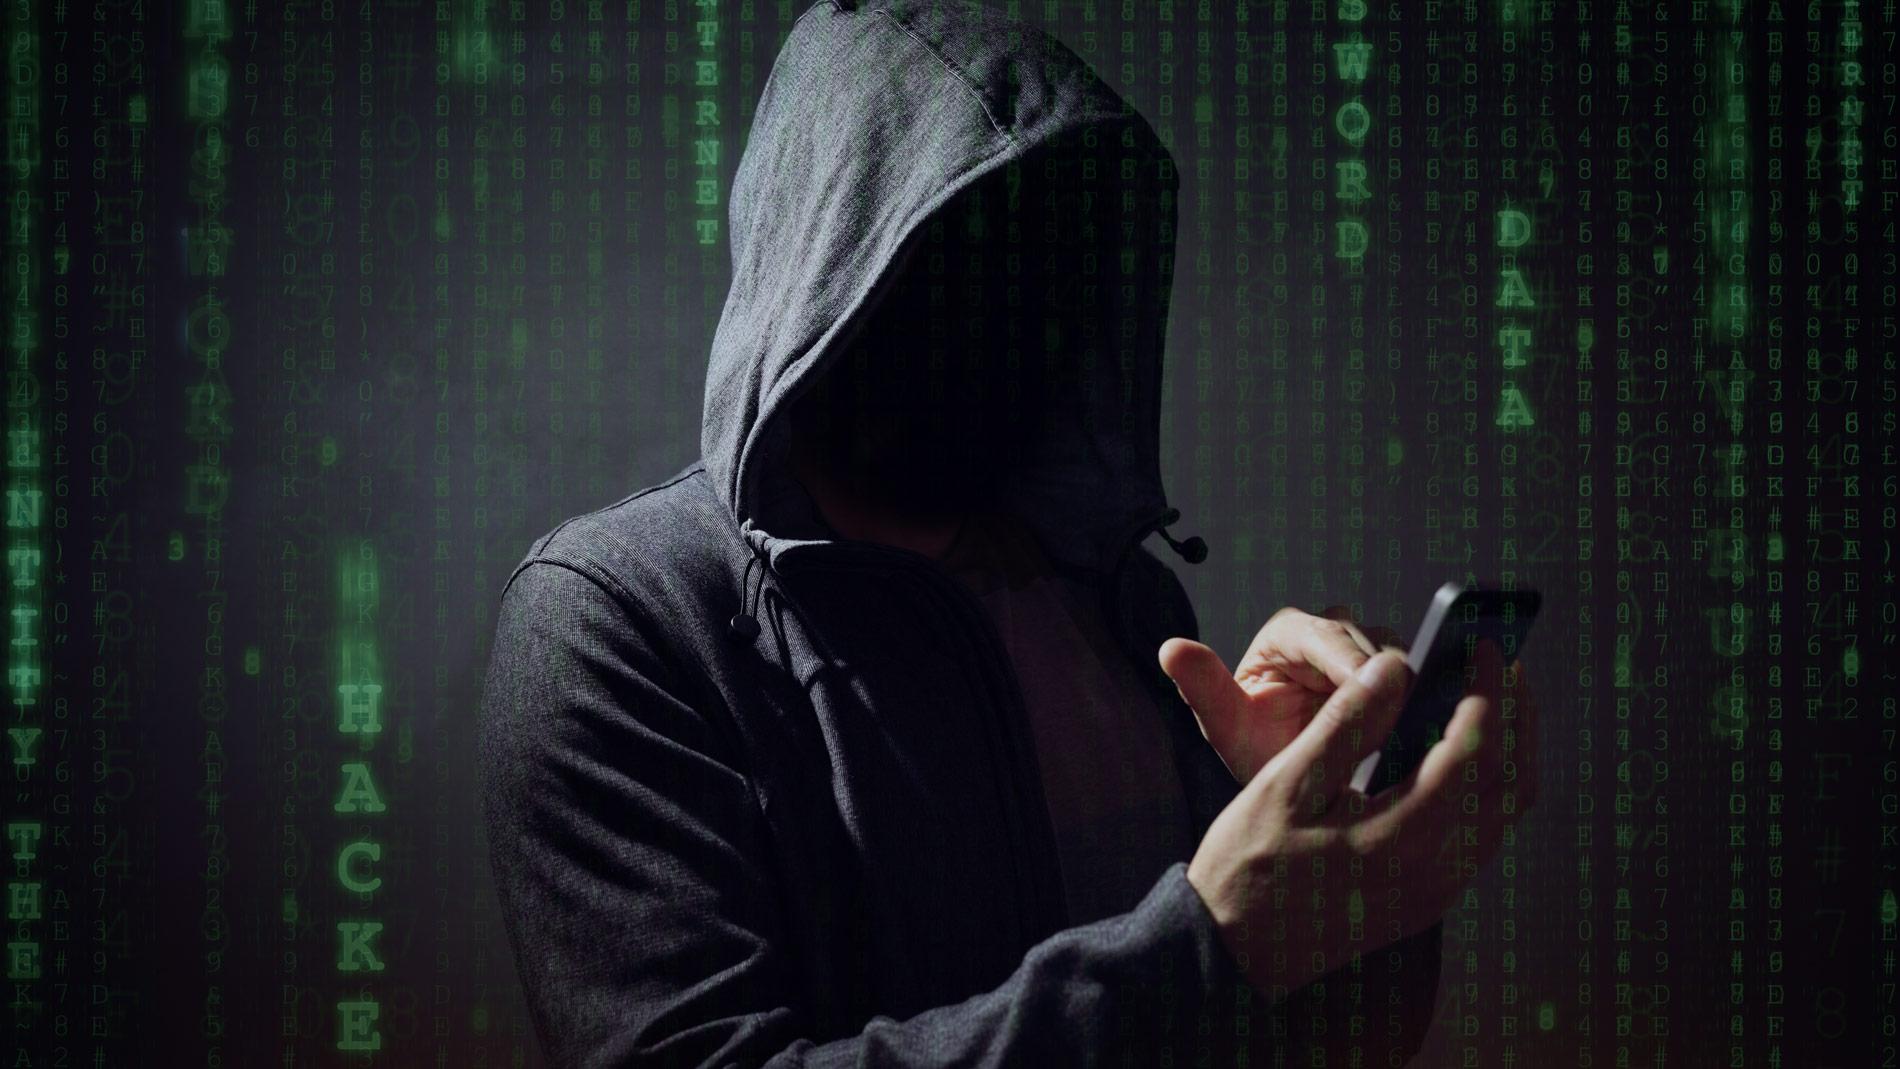 Поздравительные СМС и виртуальные открытки: как мошенники воруют данные во время праздников